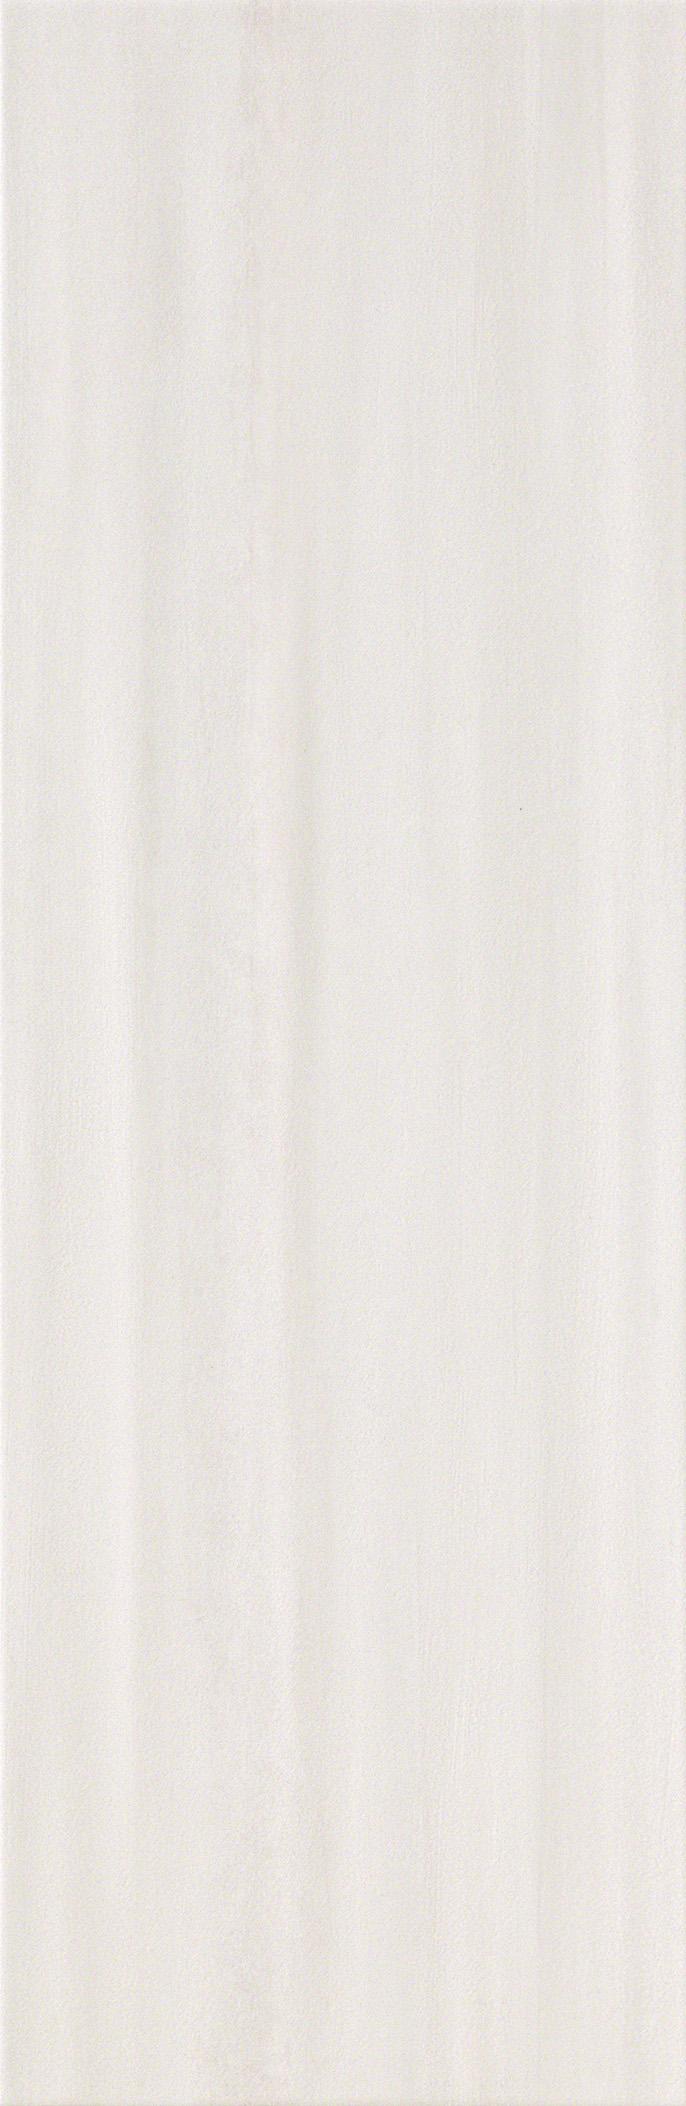 Настенная плитка FAP Ceramiche SOLE +14330 Bianco настенная плитка fap sole sabbia 25x75